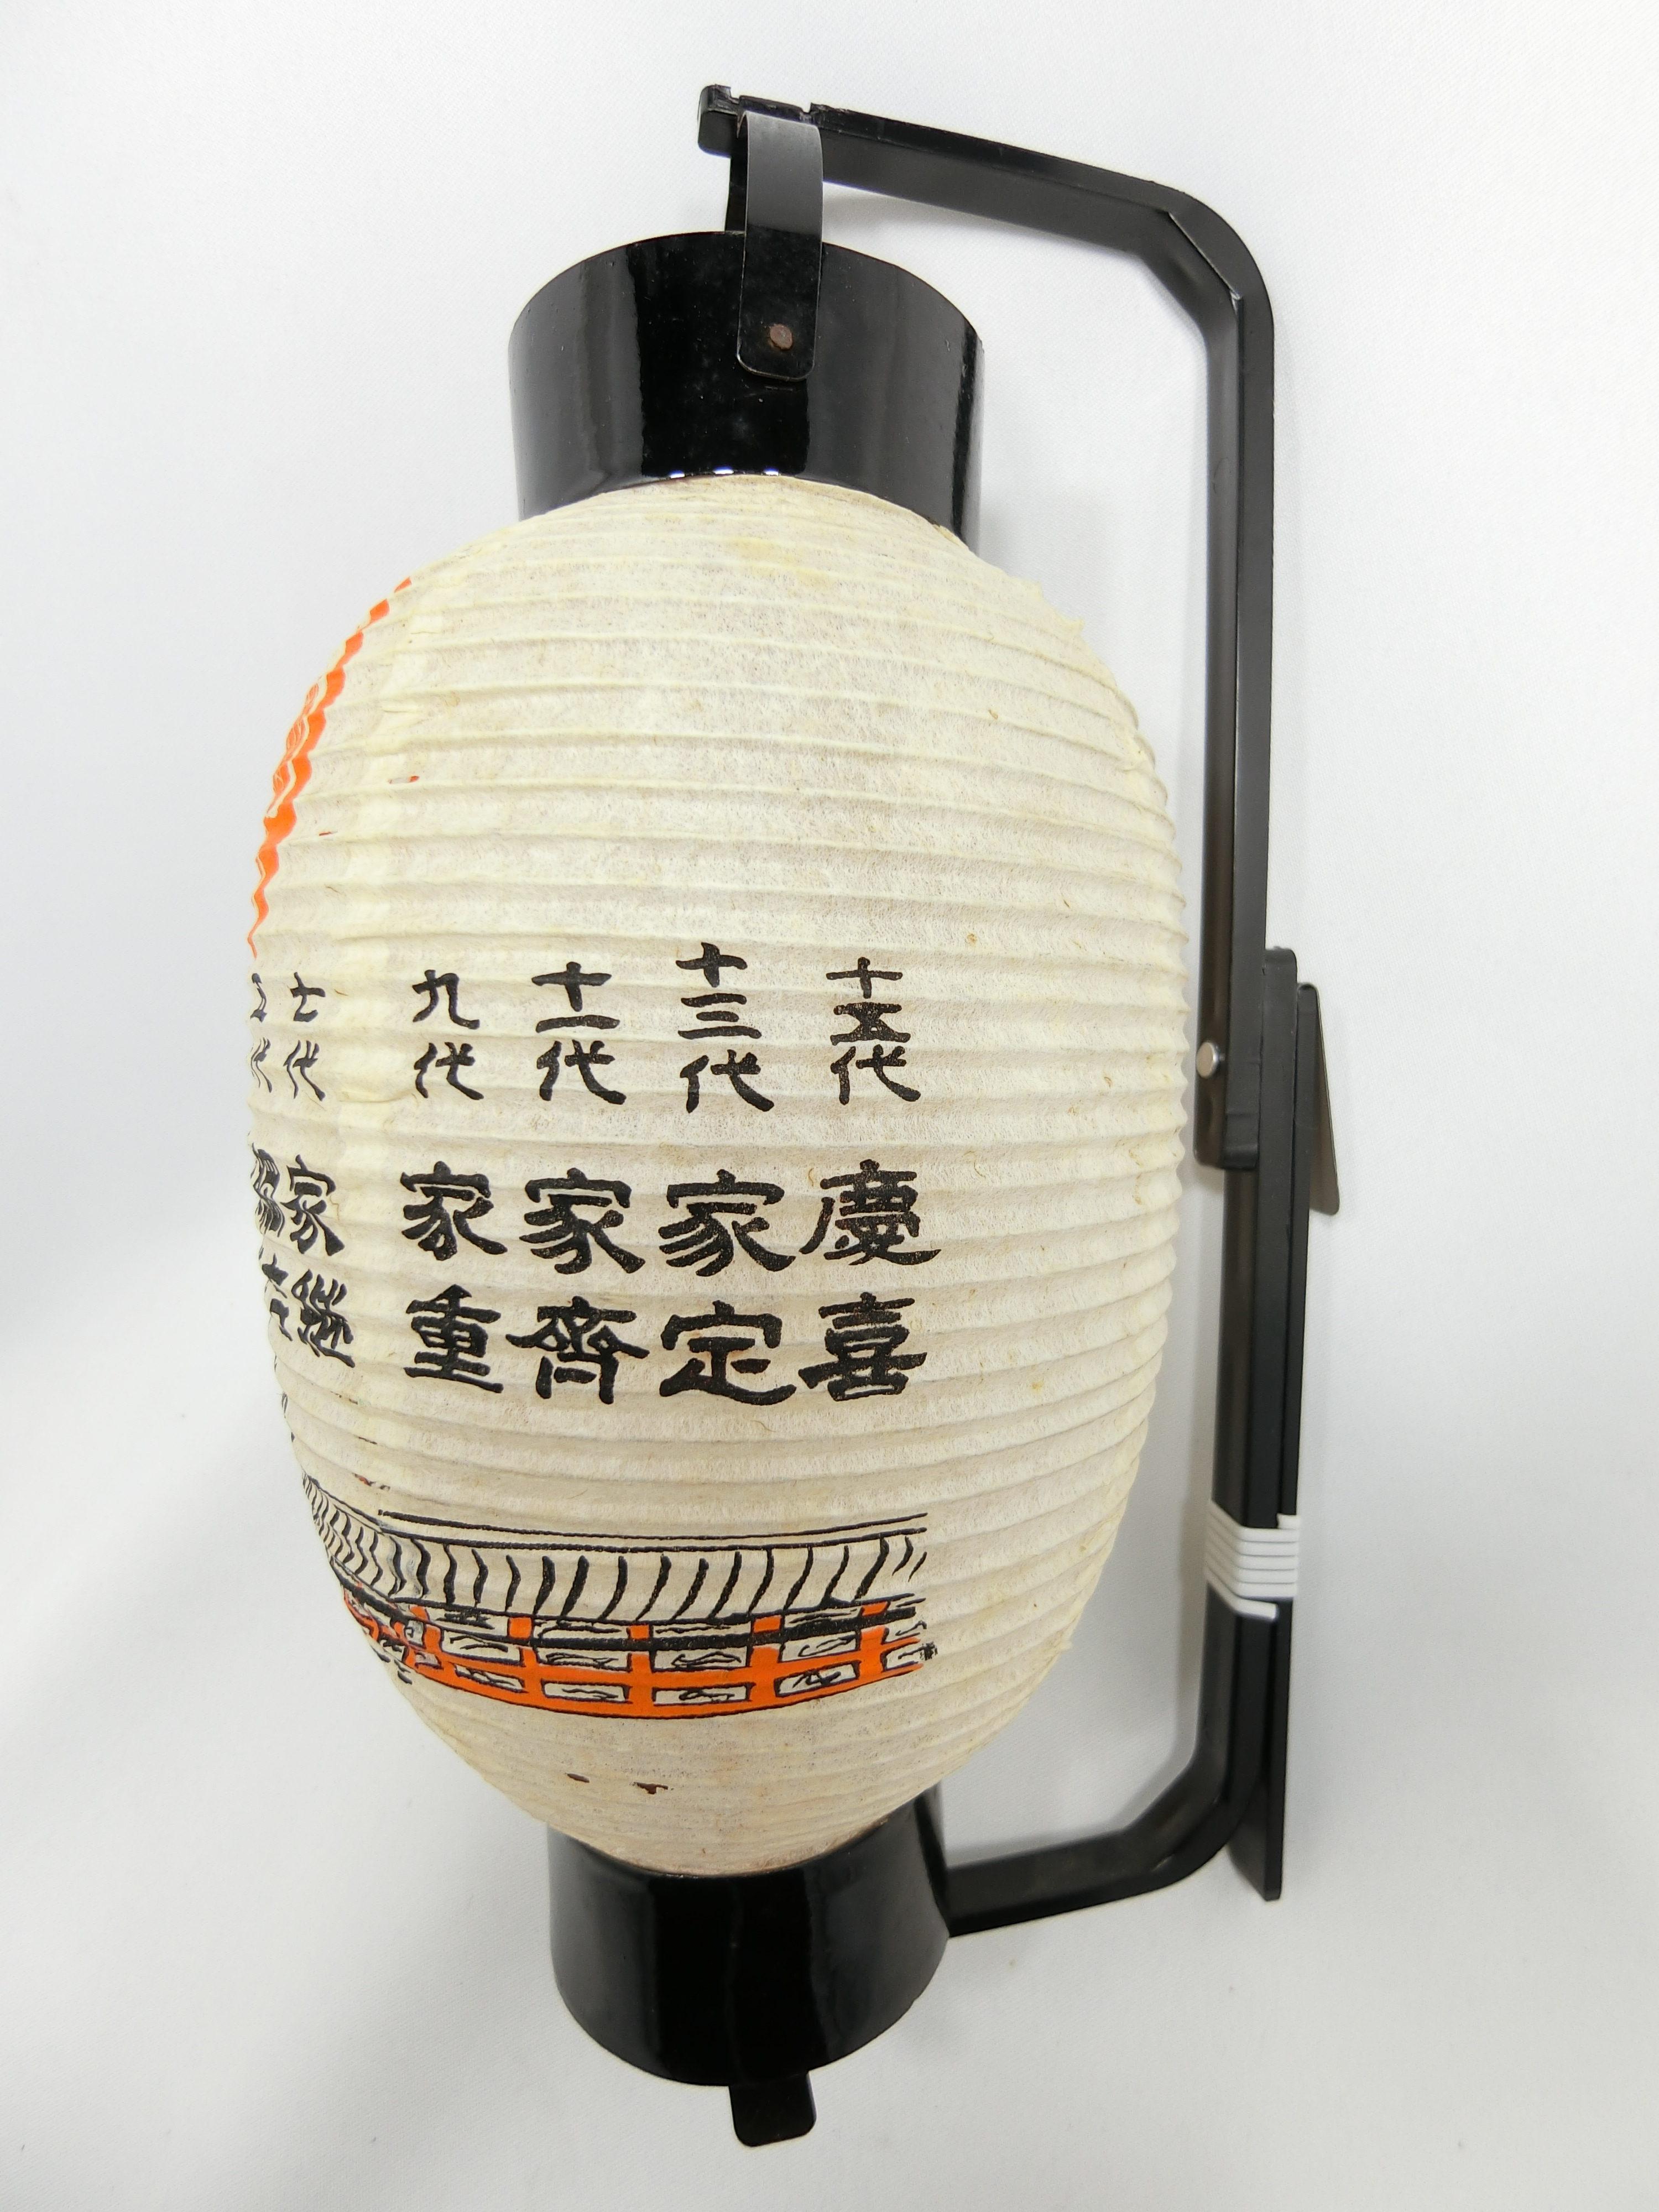 徳川十五代将軍(右)